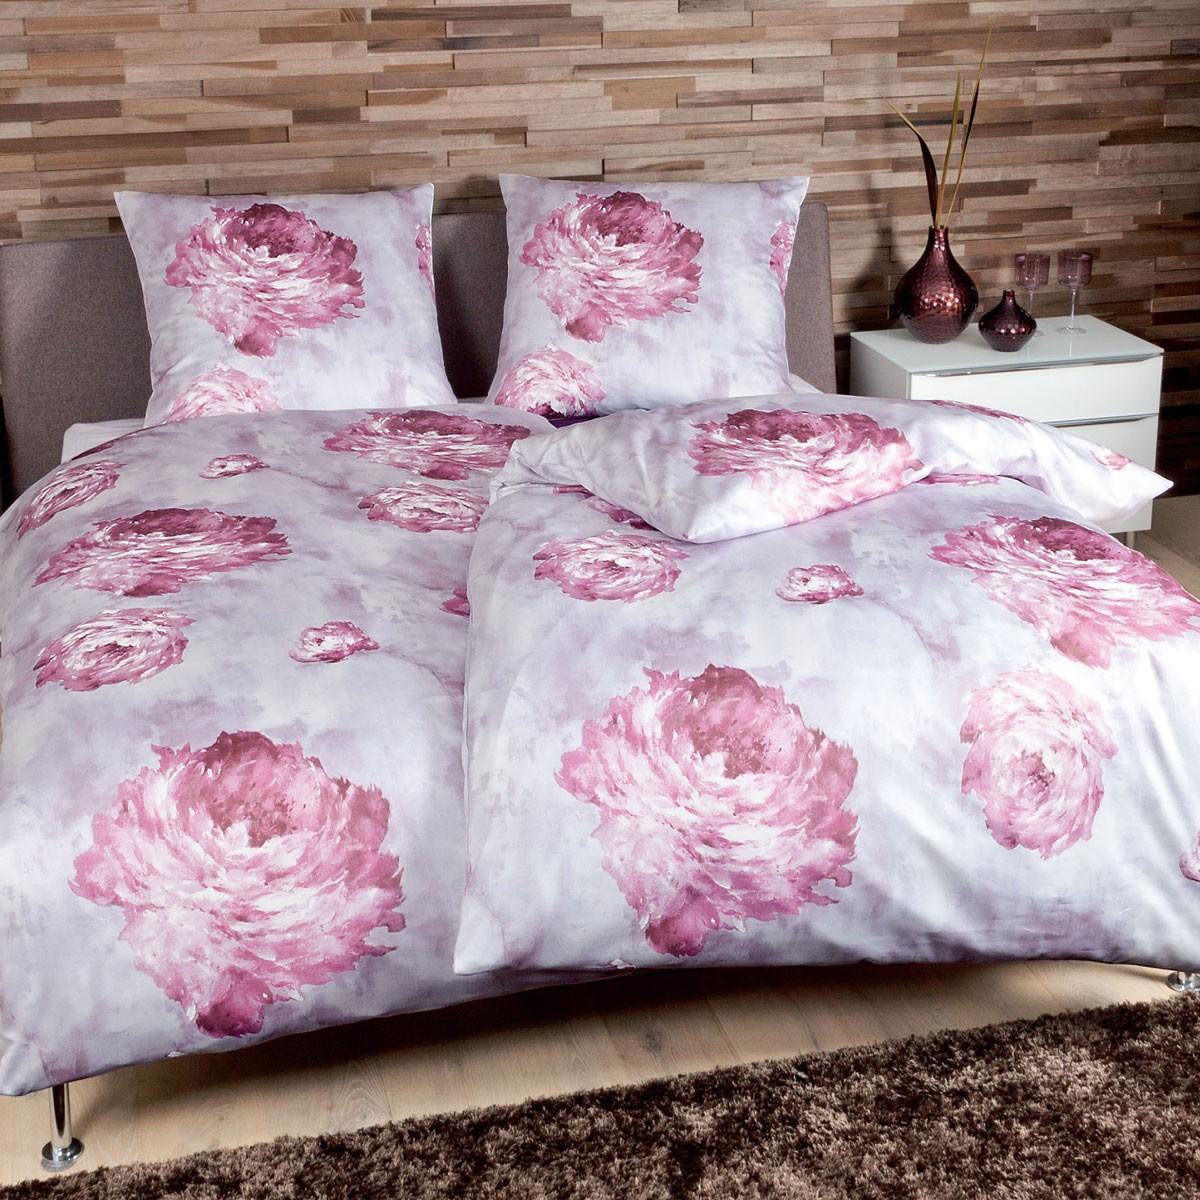 Постельное Постельное белье 2 спальное евро Janine Messina 4733 розовое elitnoe-postelnoe-belie-messina-4733-orchideenmauve-ot-janine-germaniya.jpg